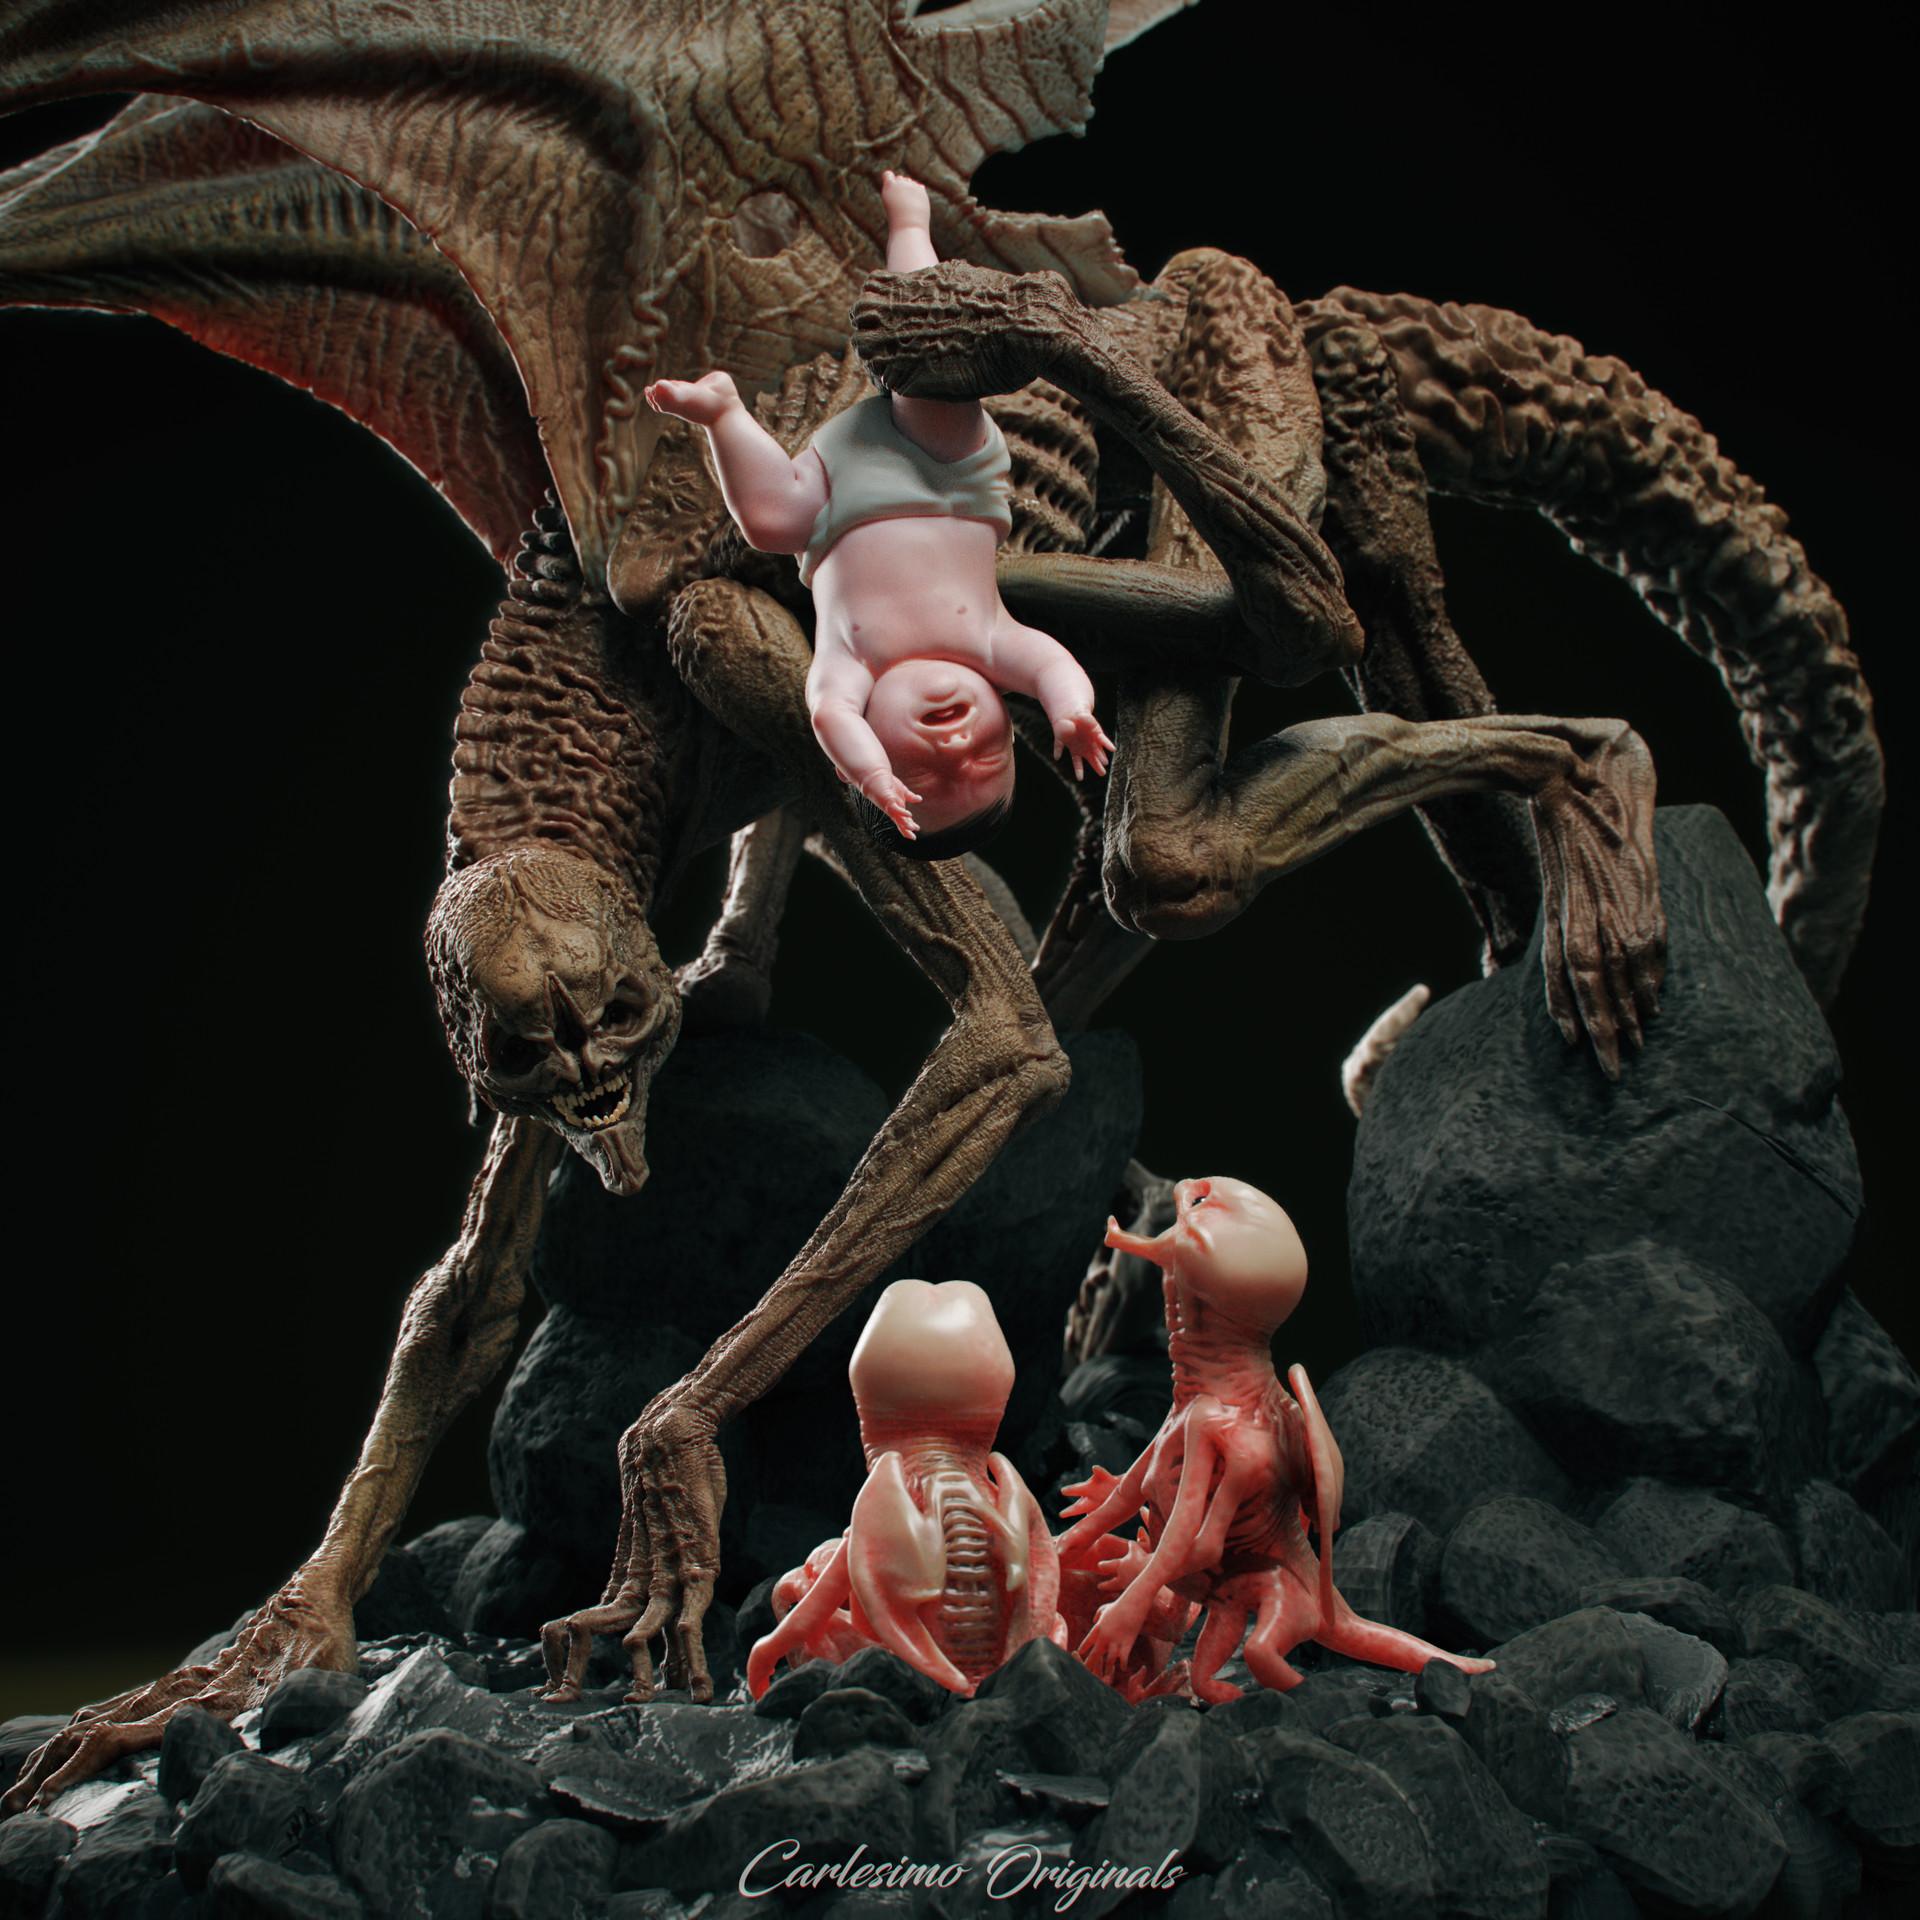 Franco carlesimo babysnatcher carlesimooriginals 00000